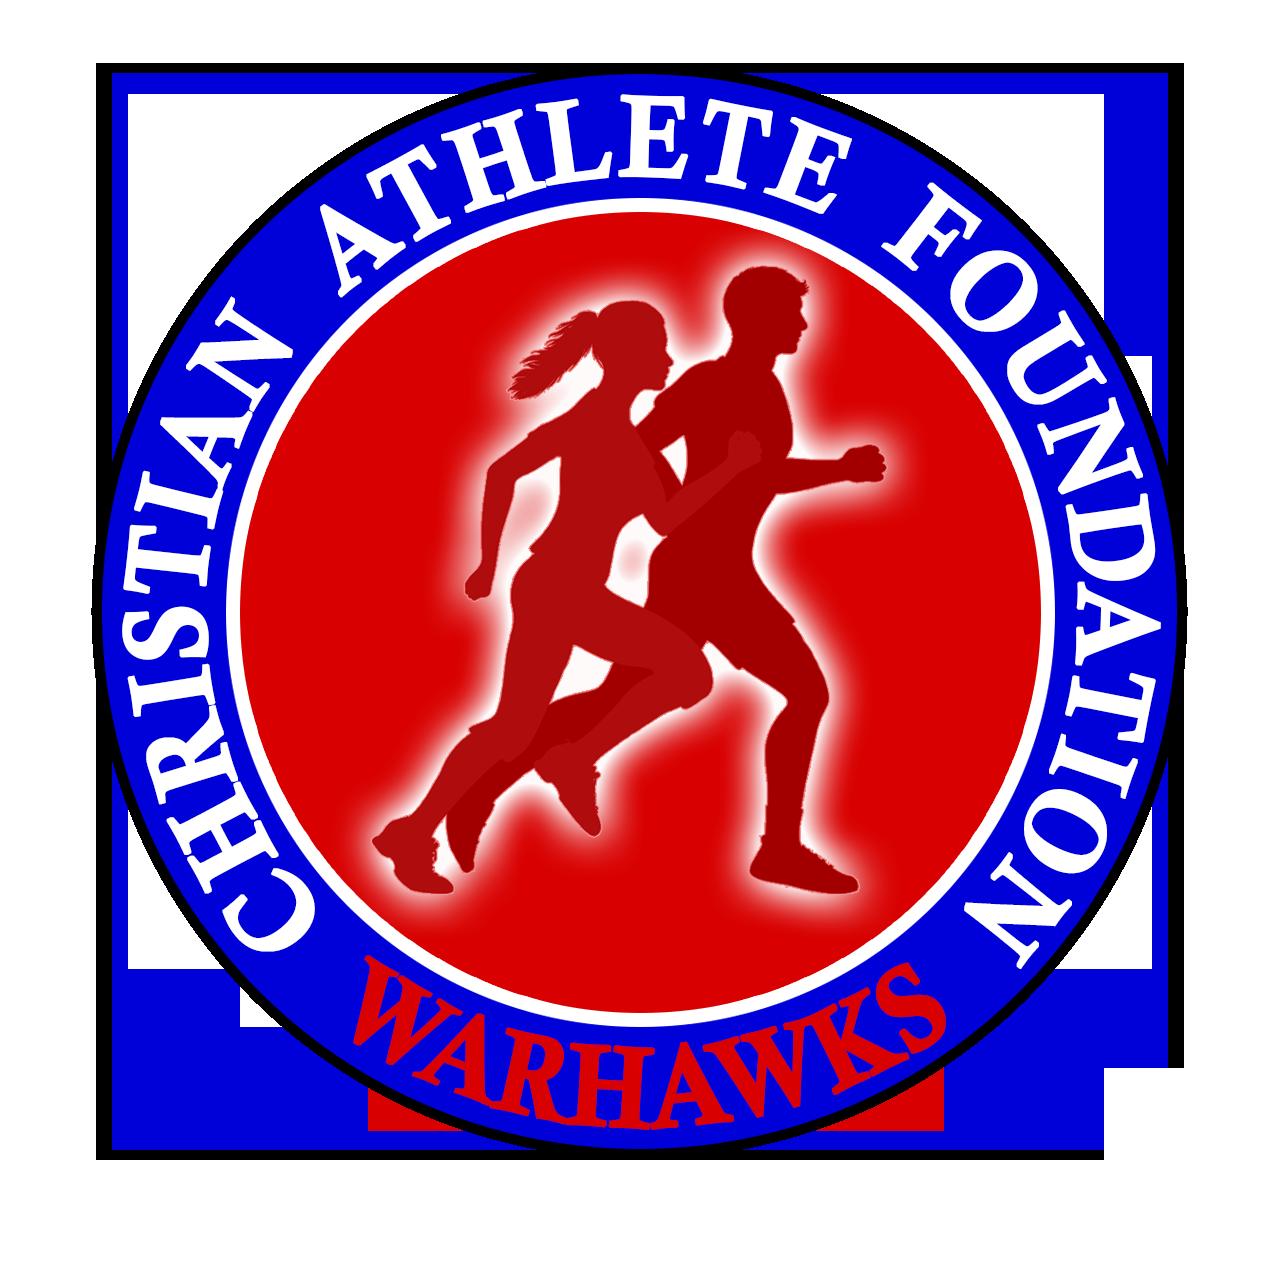 Warhawk Christian Athlete Foundation